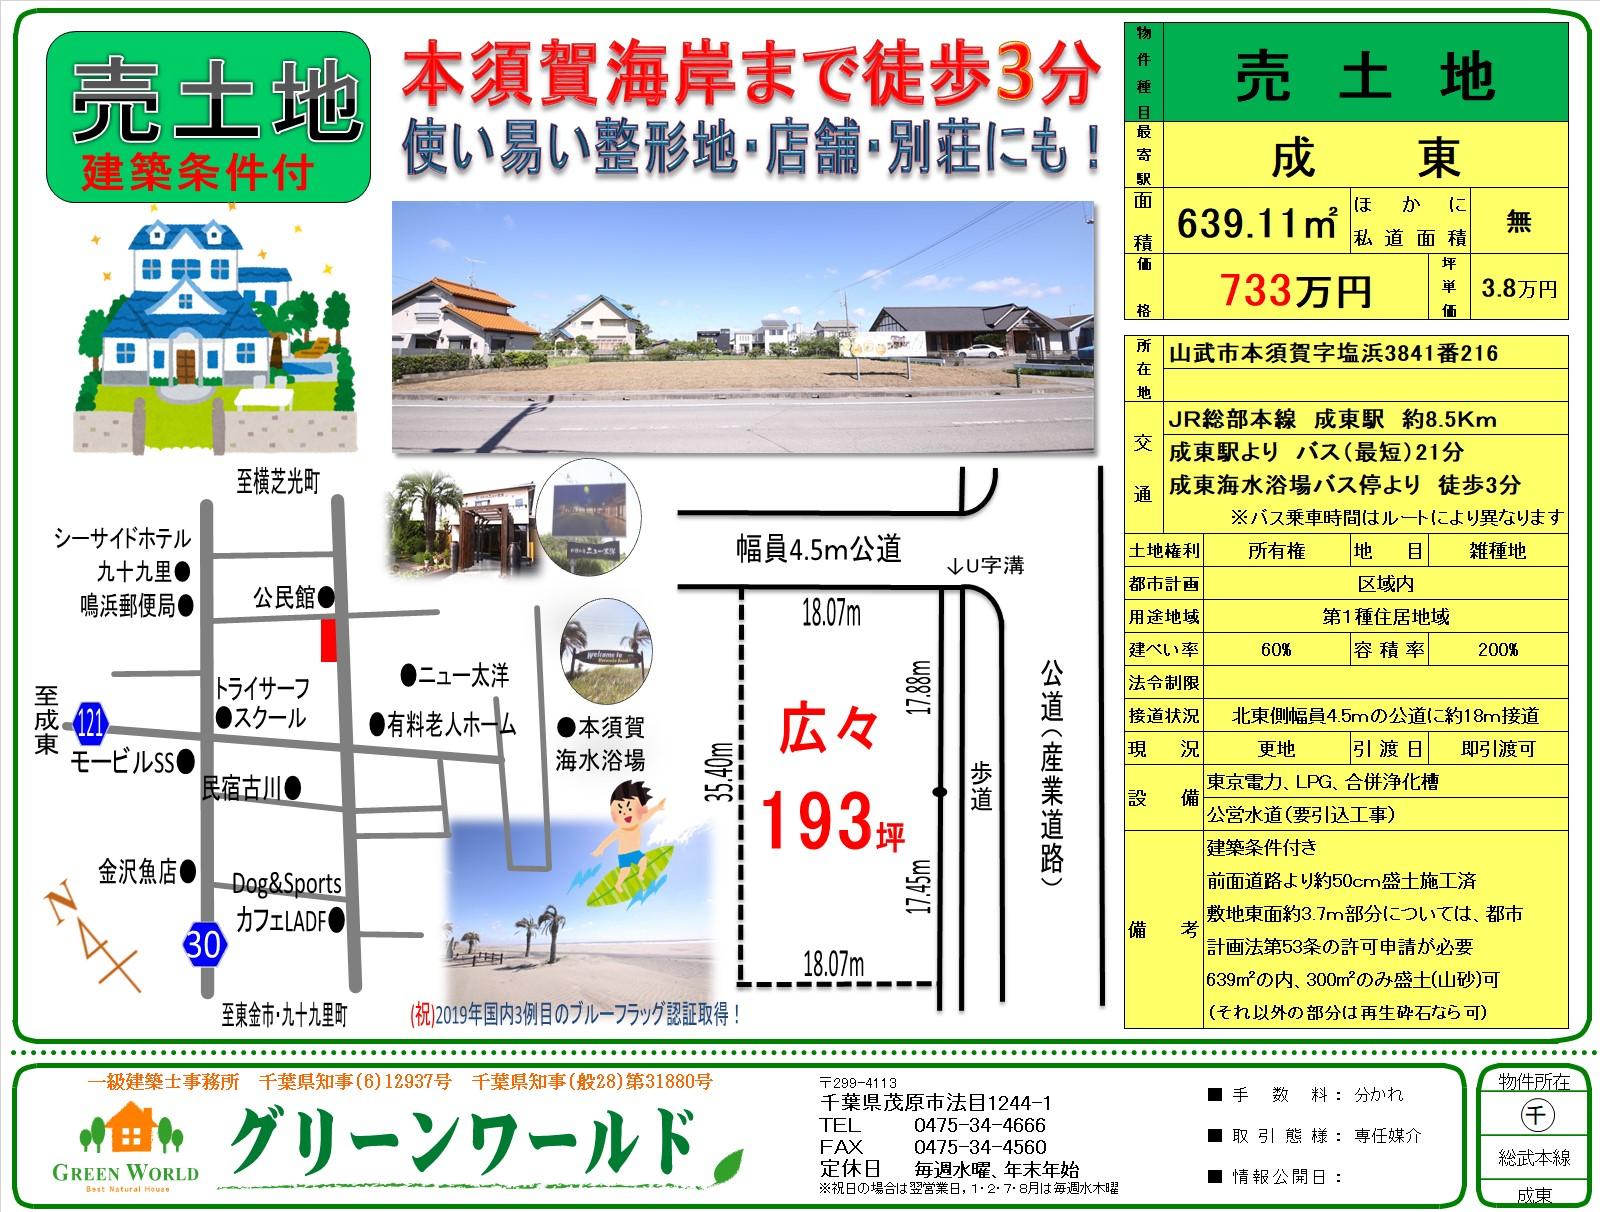 【建築条件付売土地】山武市本須賀193坪